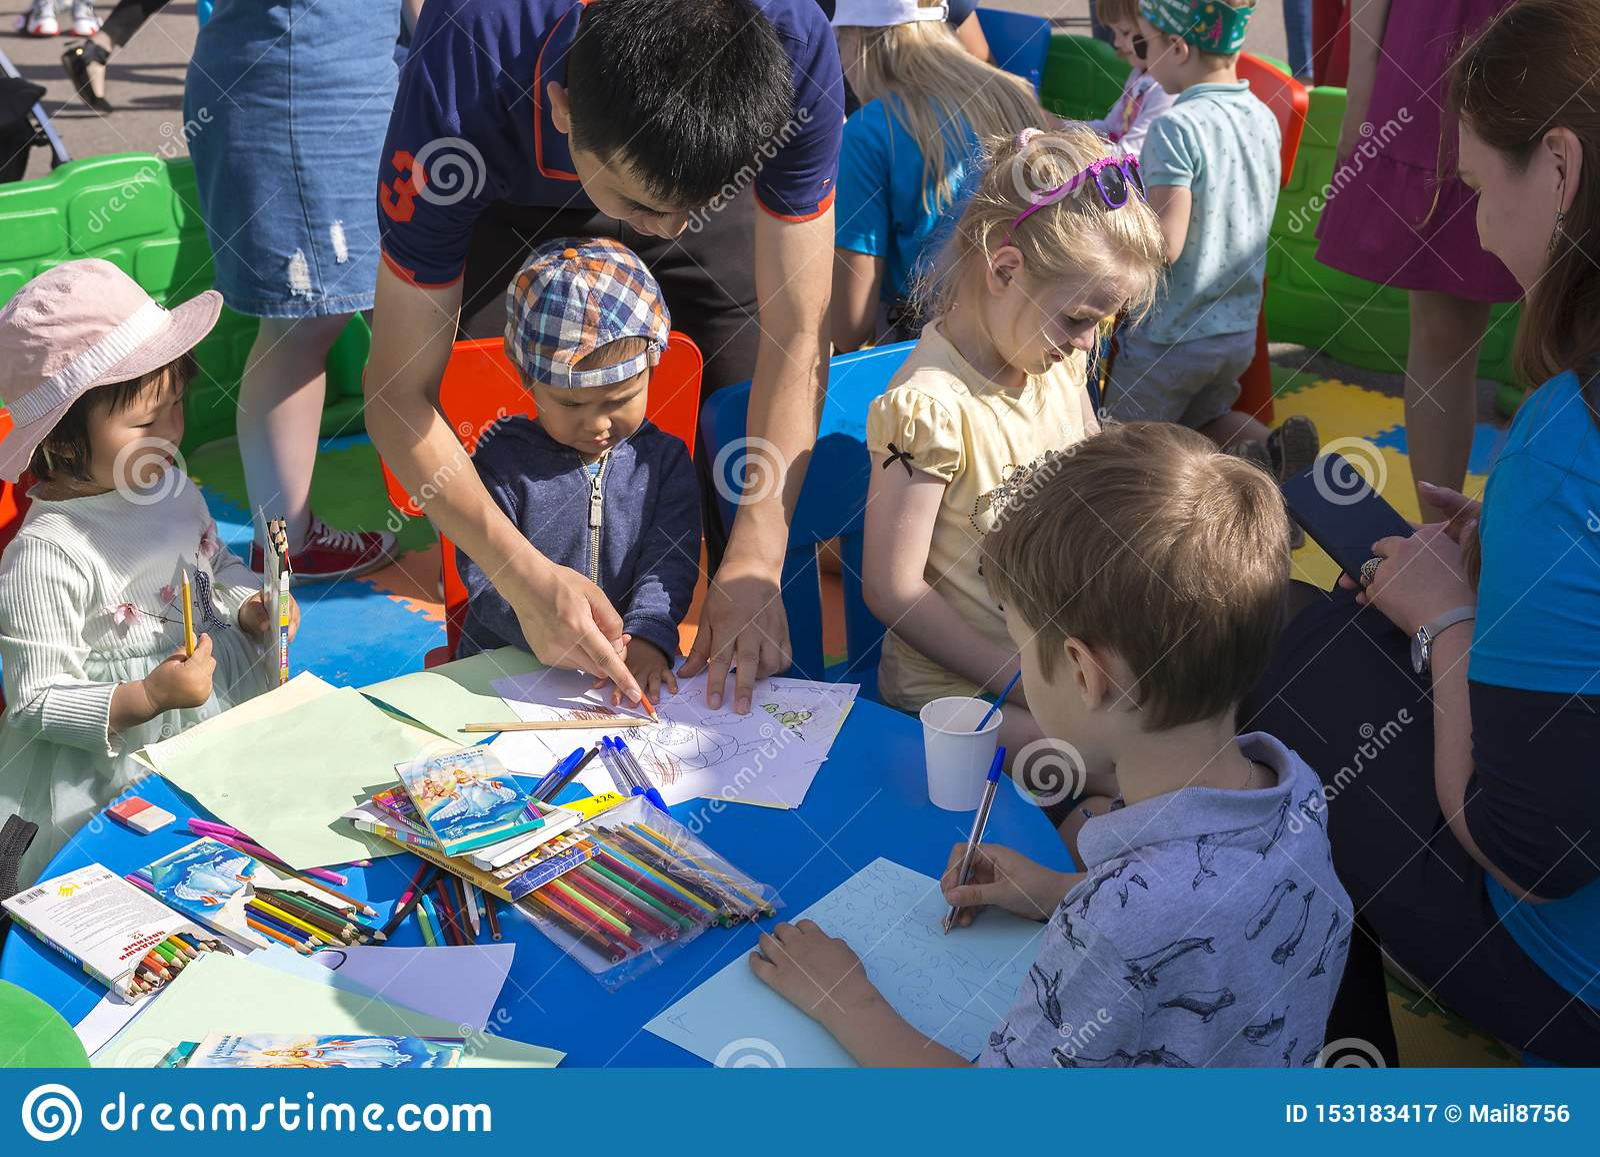 Moskau, Russland, am 2. Juni 2019 Genommen auf 31 Vater mit Kindern im Stadt Park, zum von Kindern zu helfen zu zeichnen